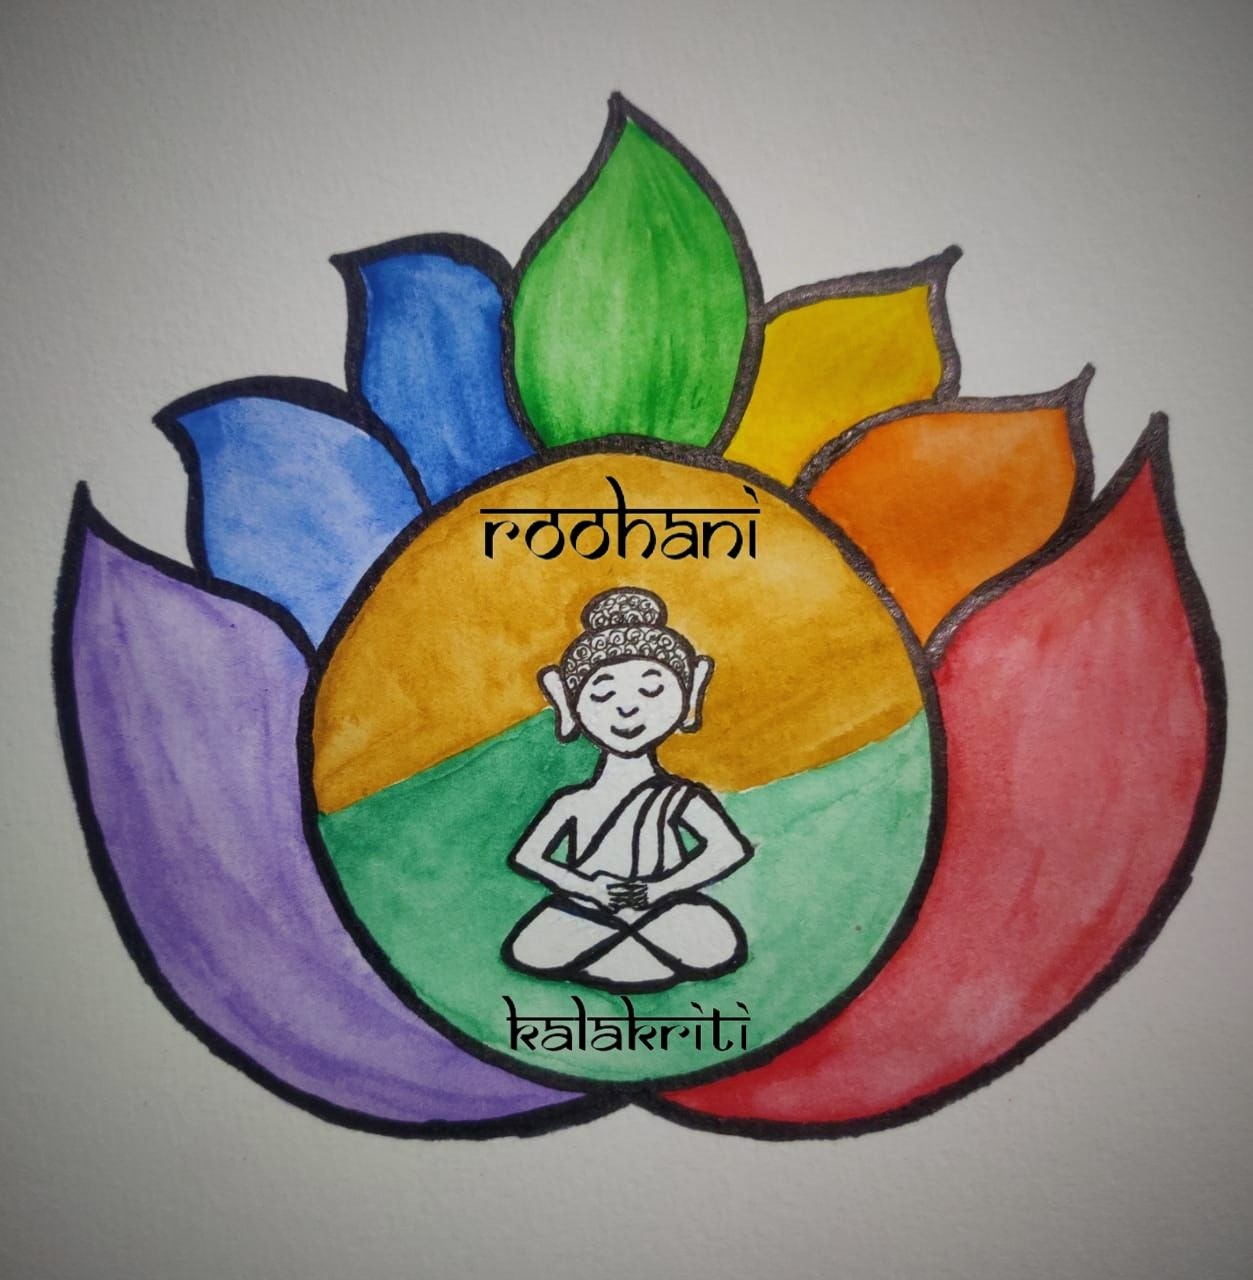 Nishant Chahar